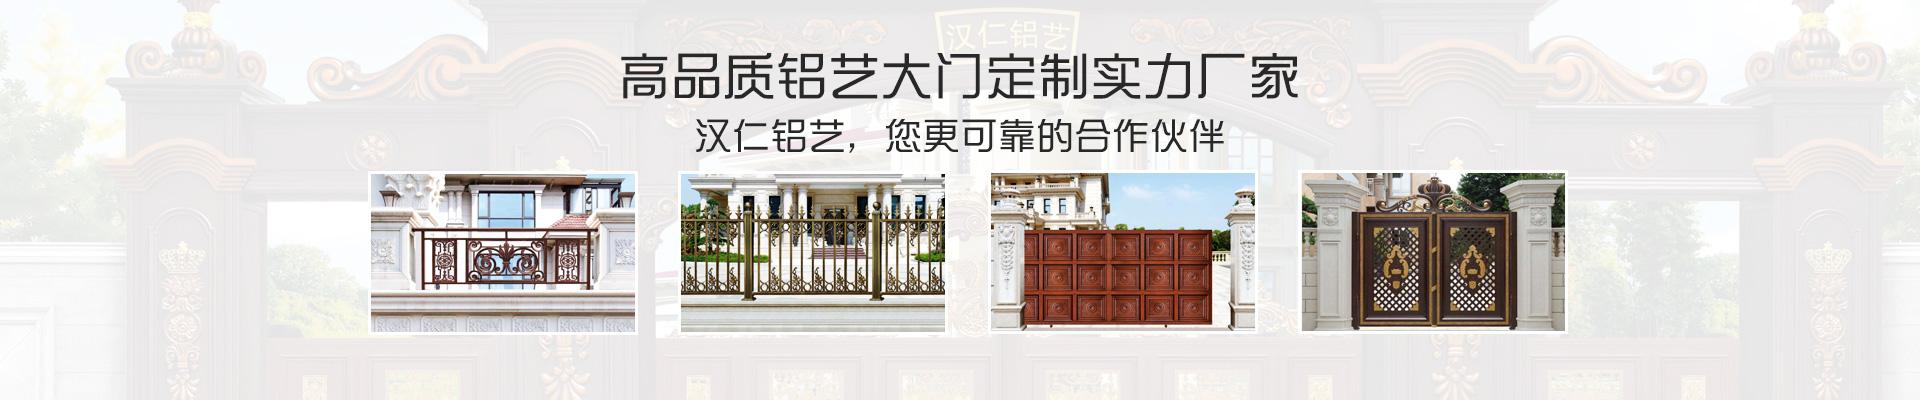 高品质铝艺大门定制实力厂家 汉仁铝艺,您更可靠的合作伙伴